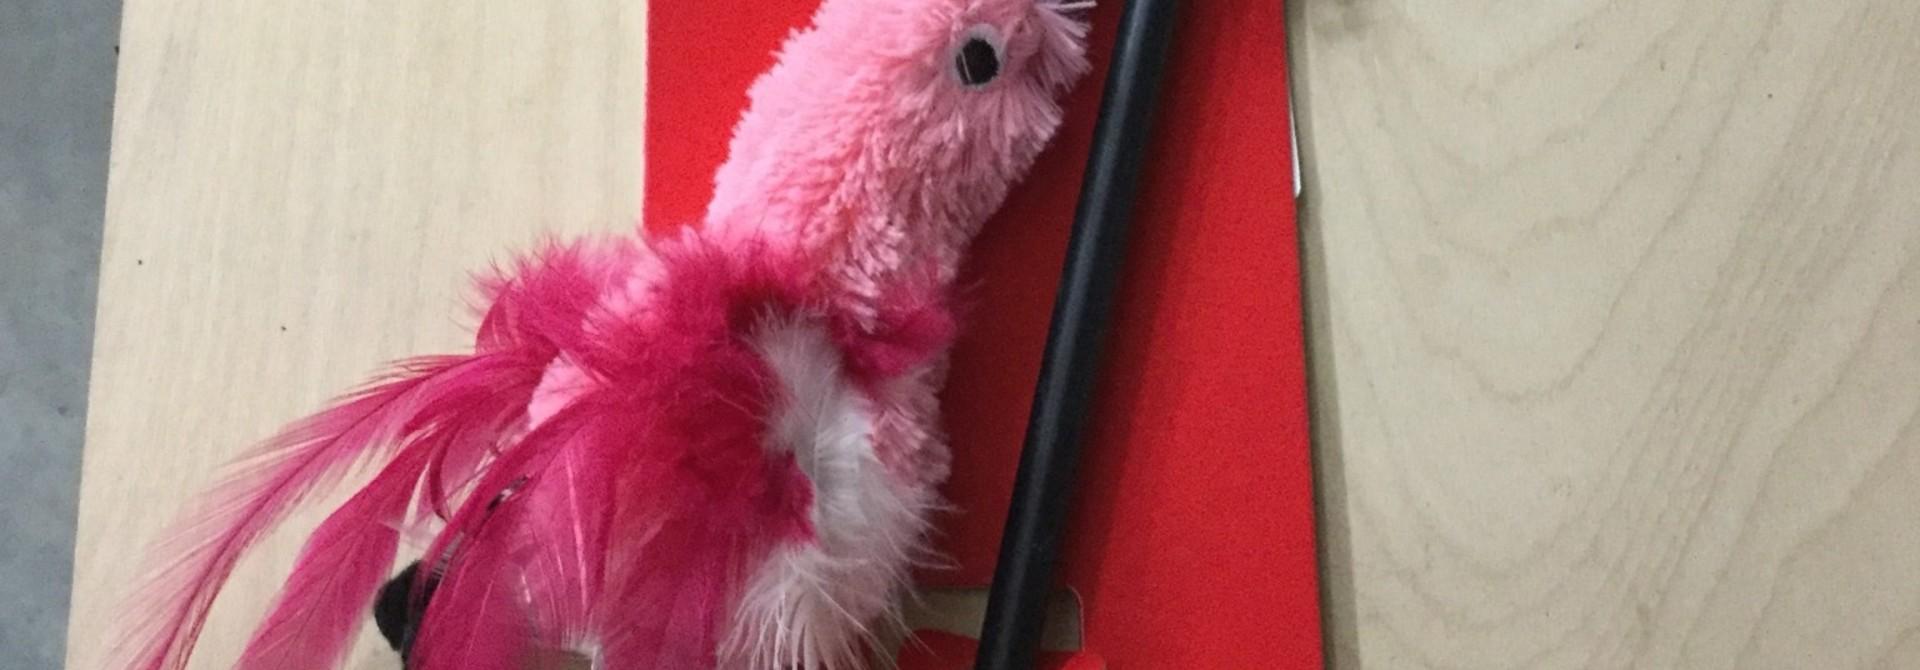 KONG Cat Feather Teaser Wand